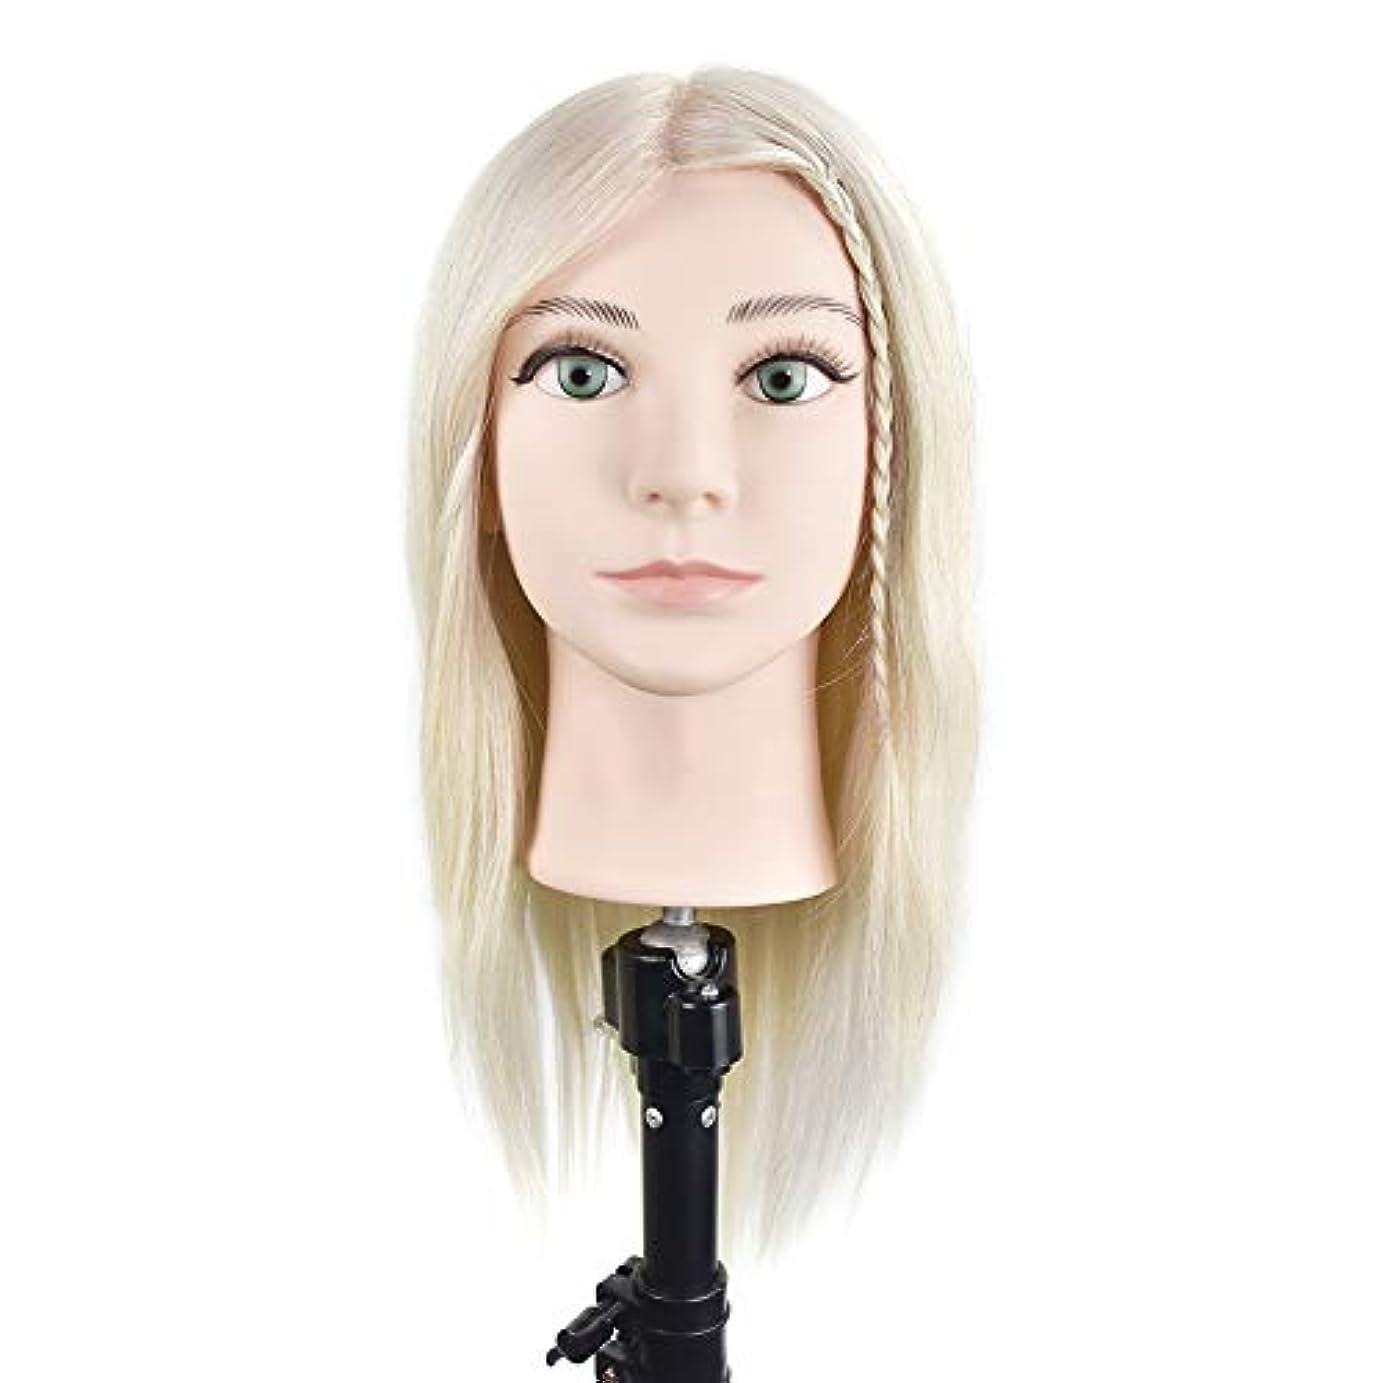 失効深さ非効率的な専門の練習ホット染色漂白はさみモデリングマネキン髪編組髪かつら女性モデルティーチングヘッド